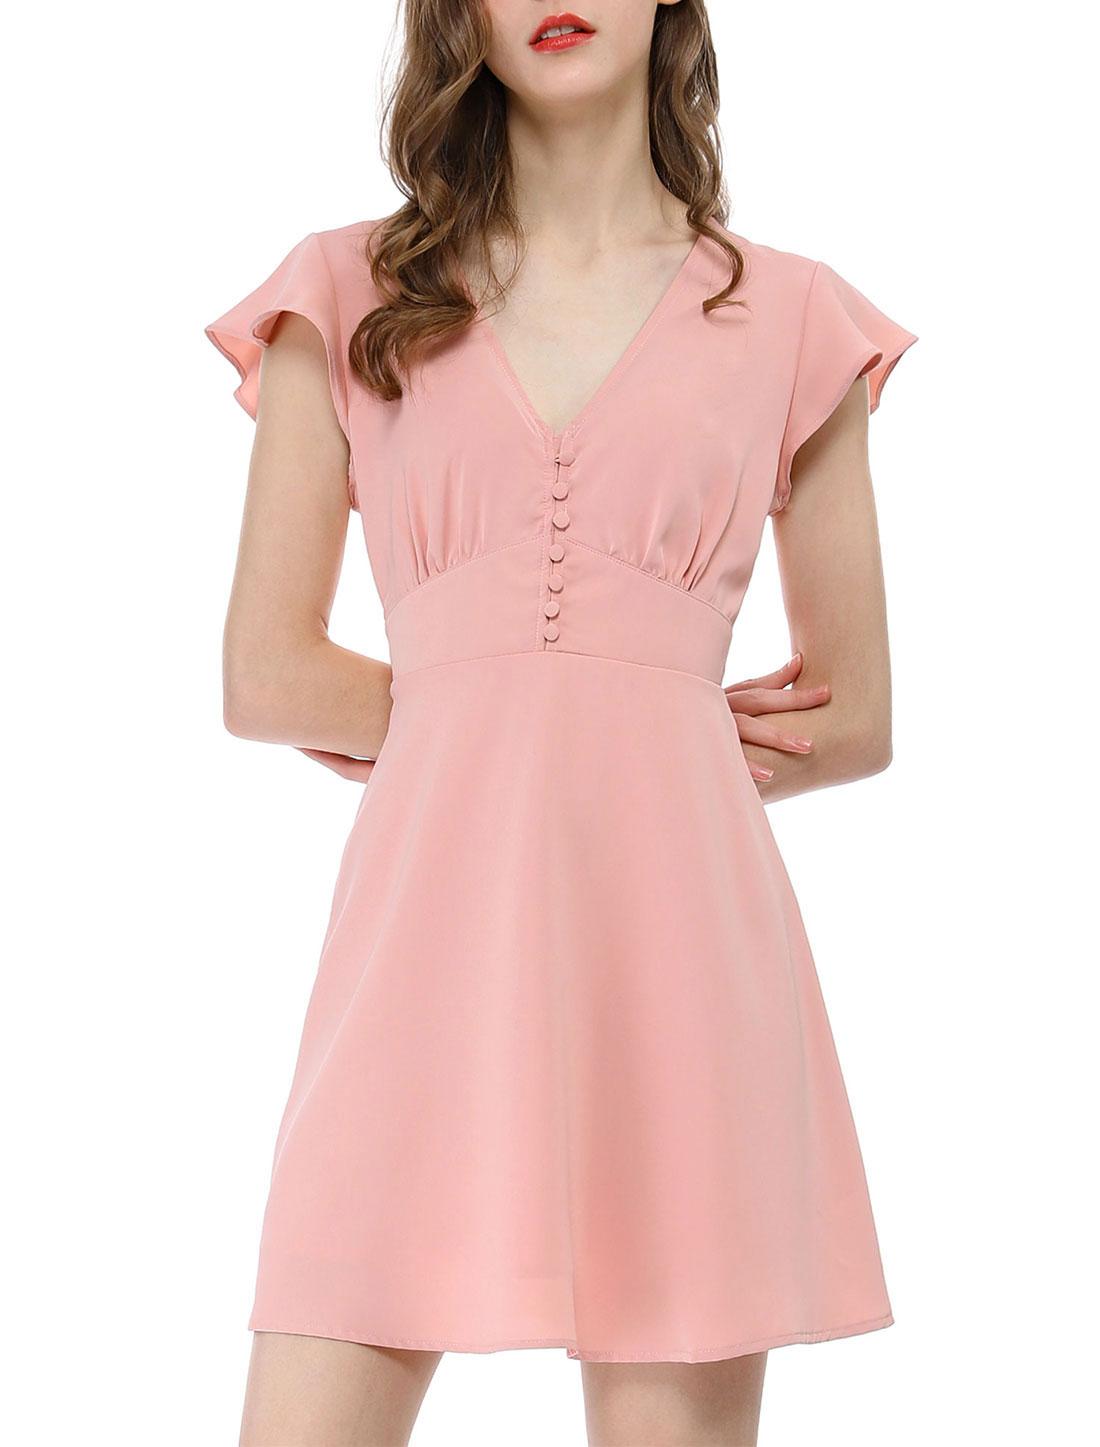 Women's Ruffle Sleeves V Neck Button Elastic Waist Skater Dress Pink XL (US 18)